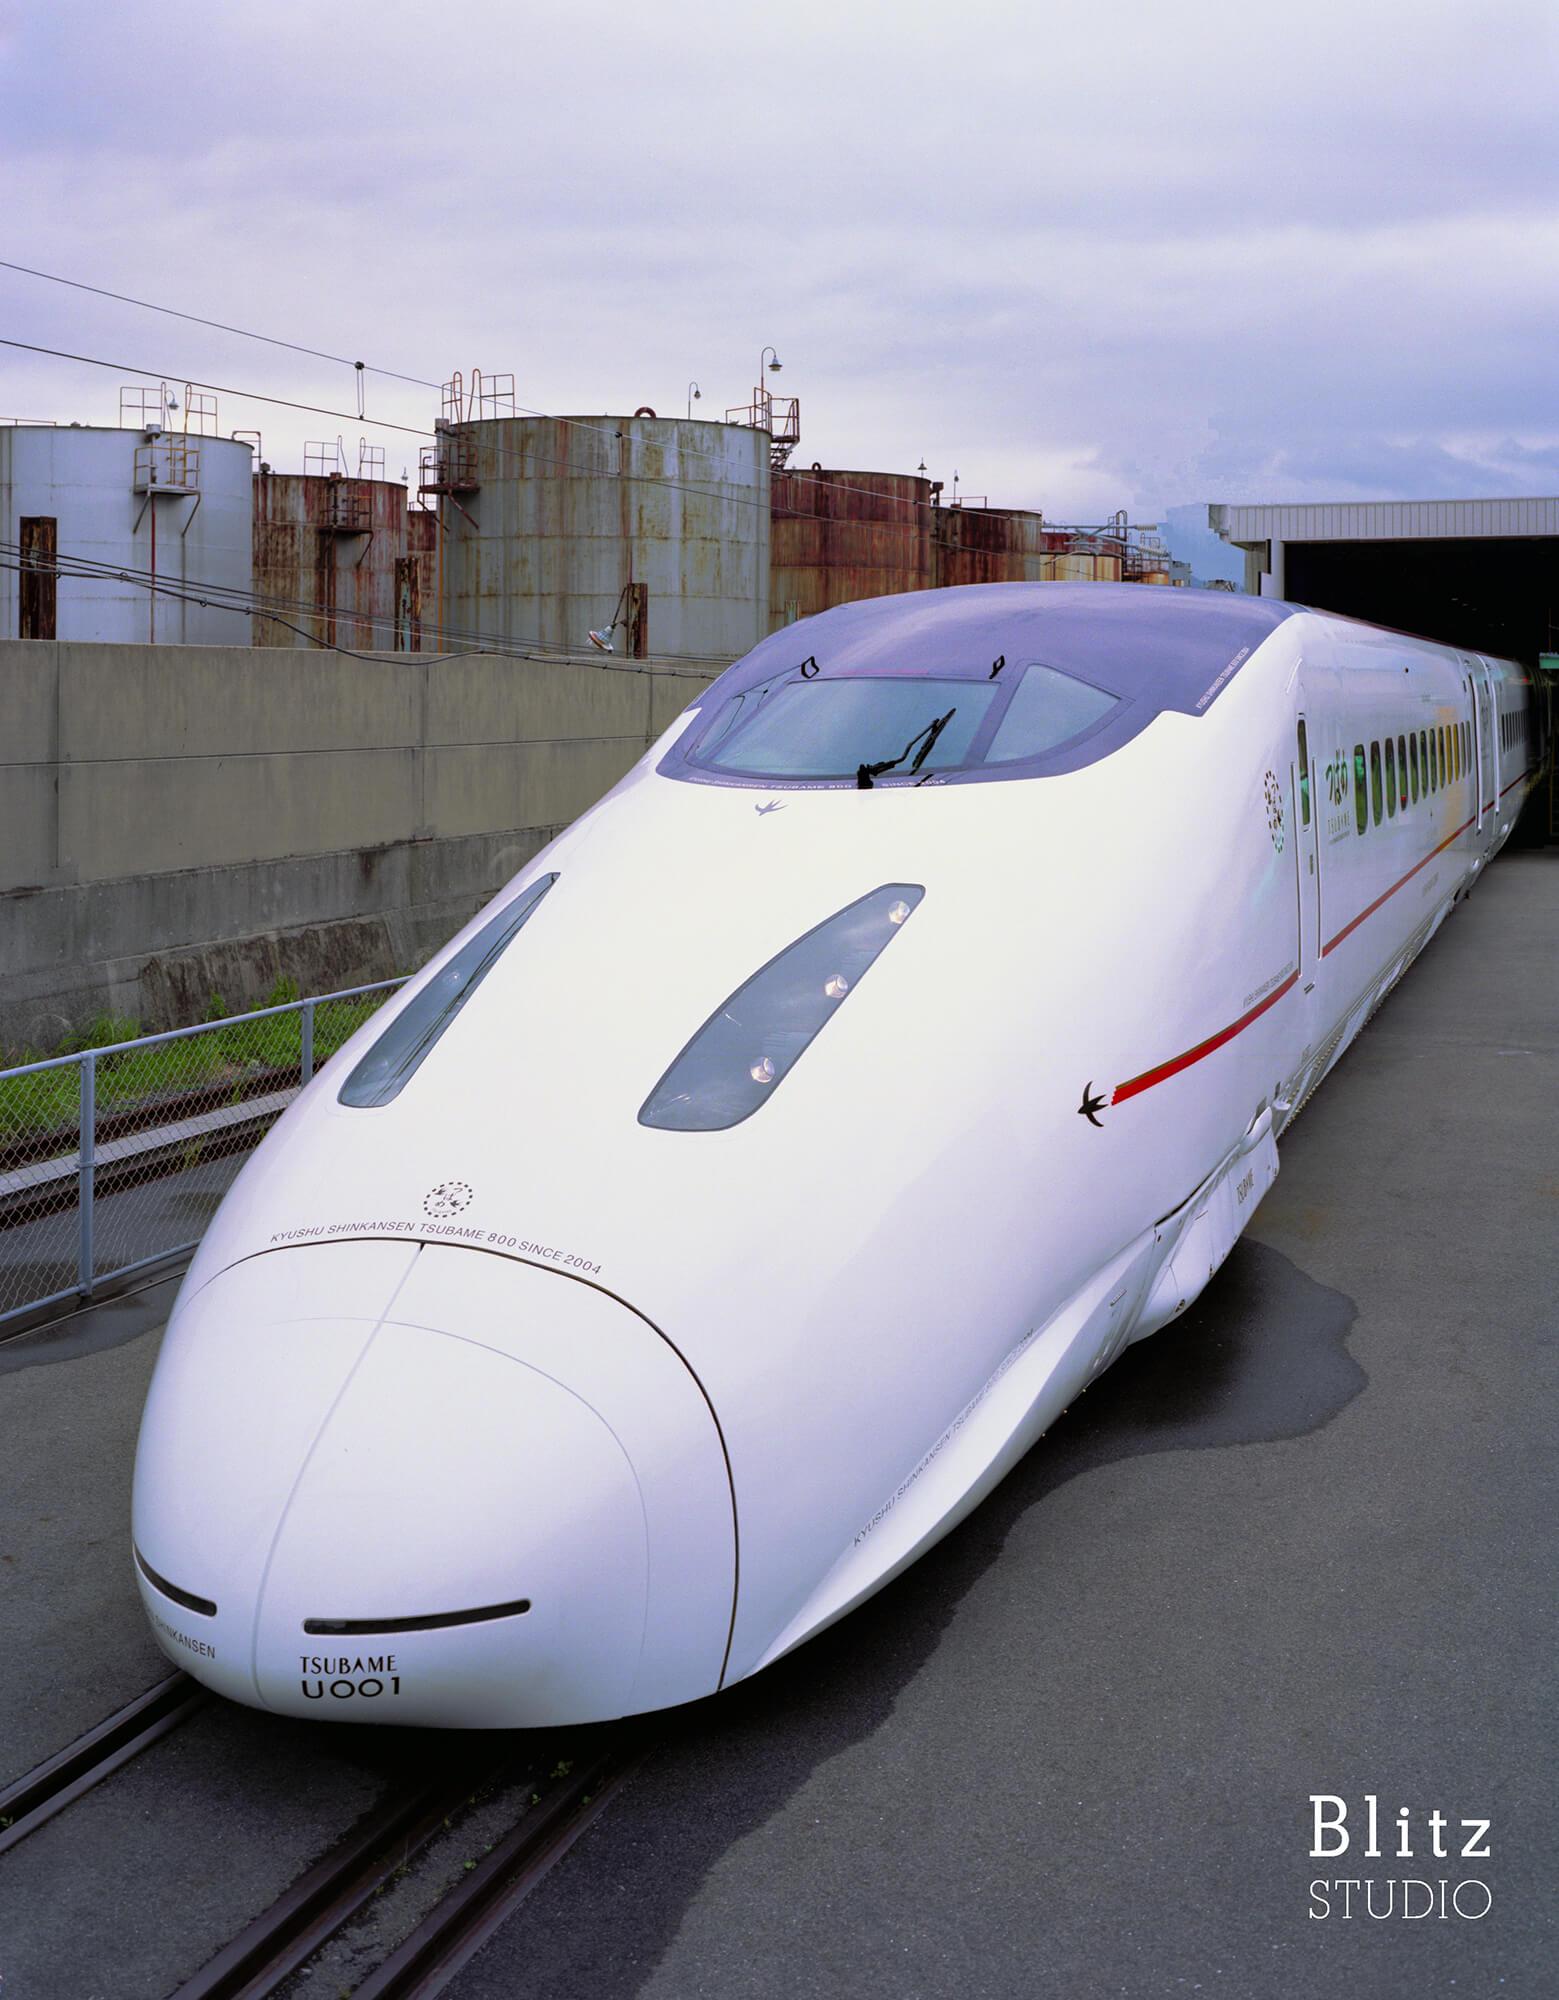 『九州新幹線 つばめ 800 KYUSHU SHINKANSEN TSUBAME 800』-福岡県福岡市-建築写真・竣工写真・インテリア写真3